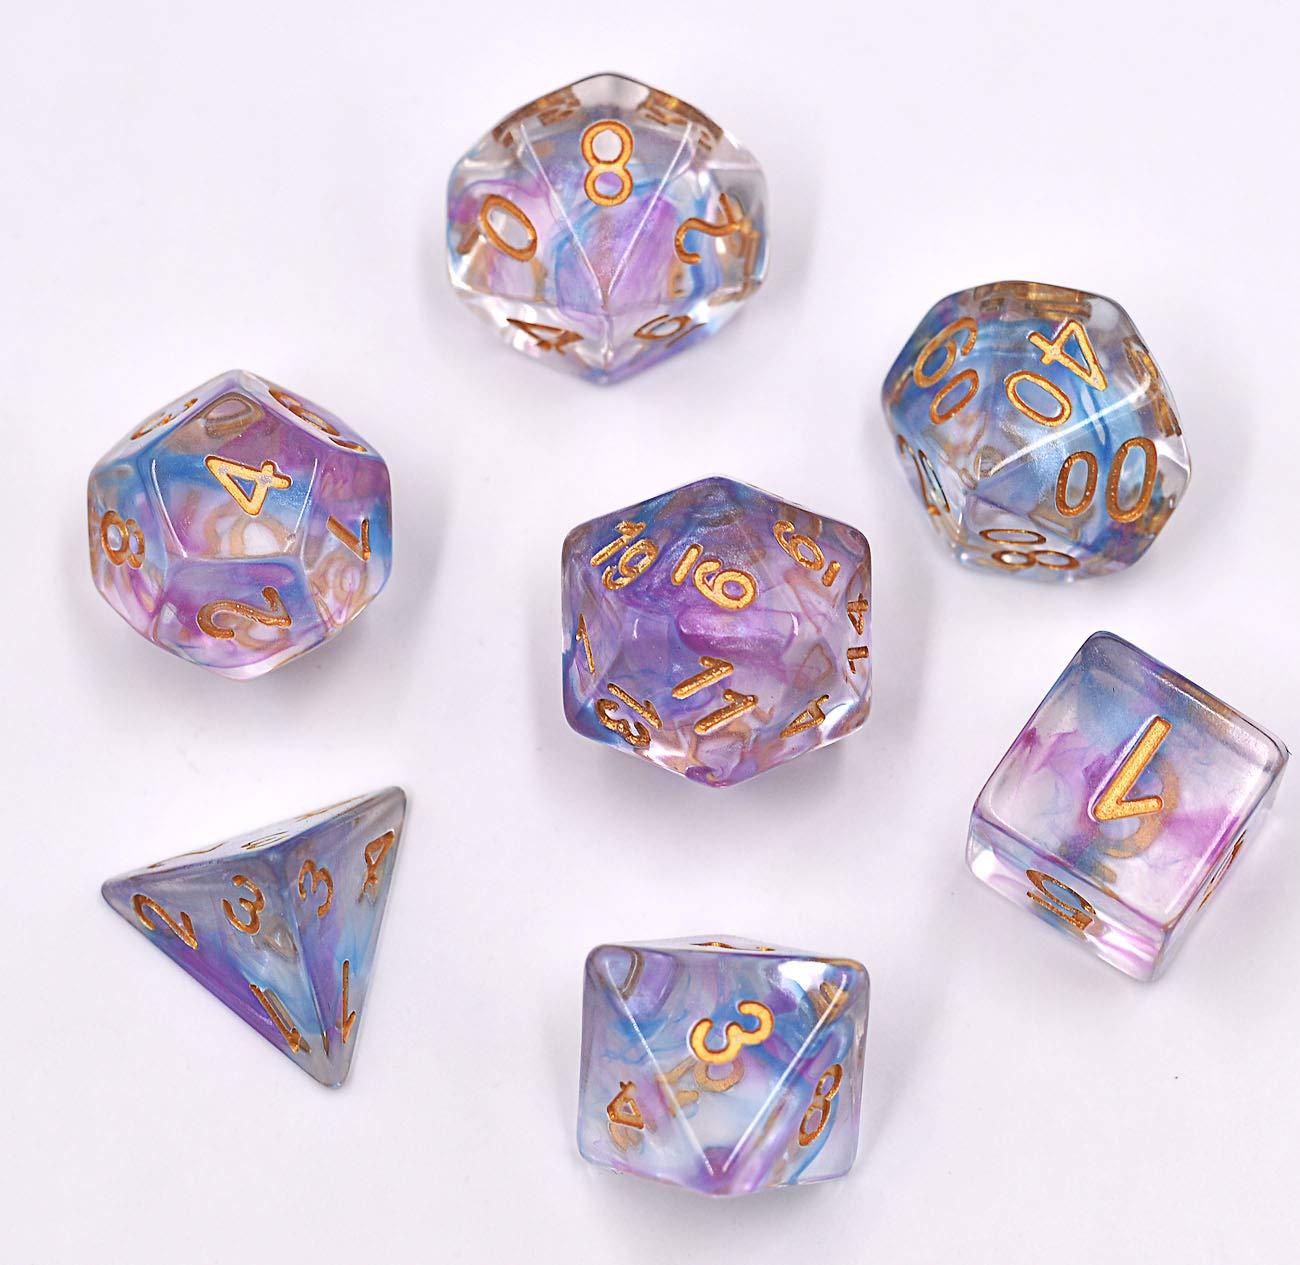 オープニング 大放出セール (Purple&blue) - Polyhedral and B07H3SF5JY Dice Set Game Transparent Nebula DND Dice for Dungeons and Dragons MTG RPG Toptable Game (Purple Blue) B07H3SF5JY, セールプラザ:36b1b9c4 --- cliente.opweb0005.servidorwebfacil.com